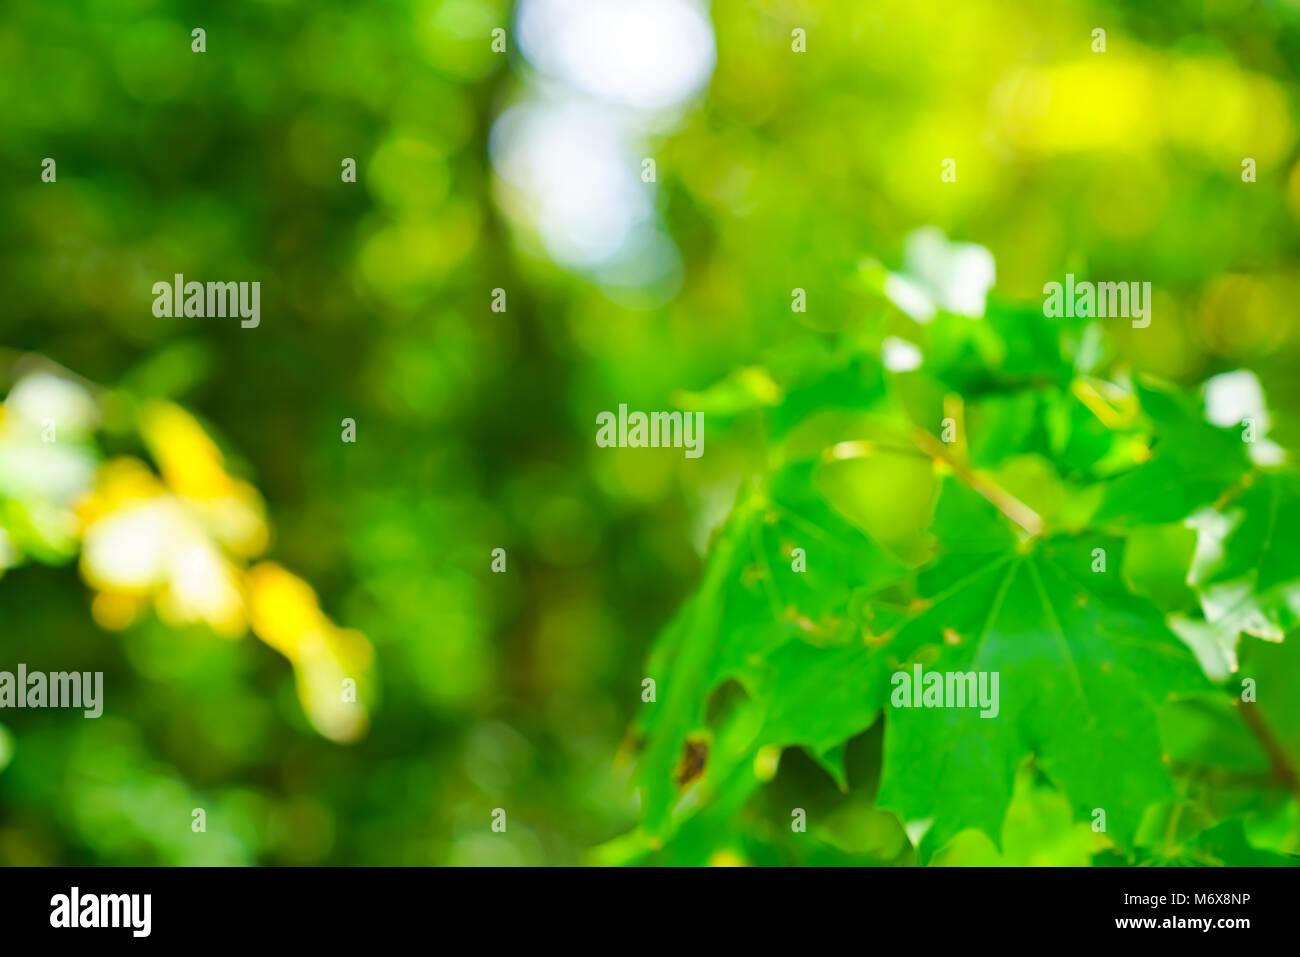 Resumen borrosa de fotograma completo de color verde dorado fondos ...